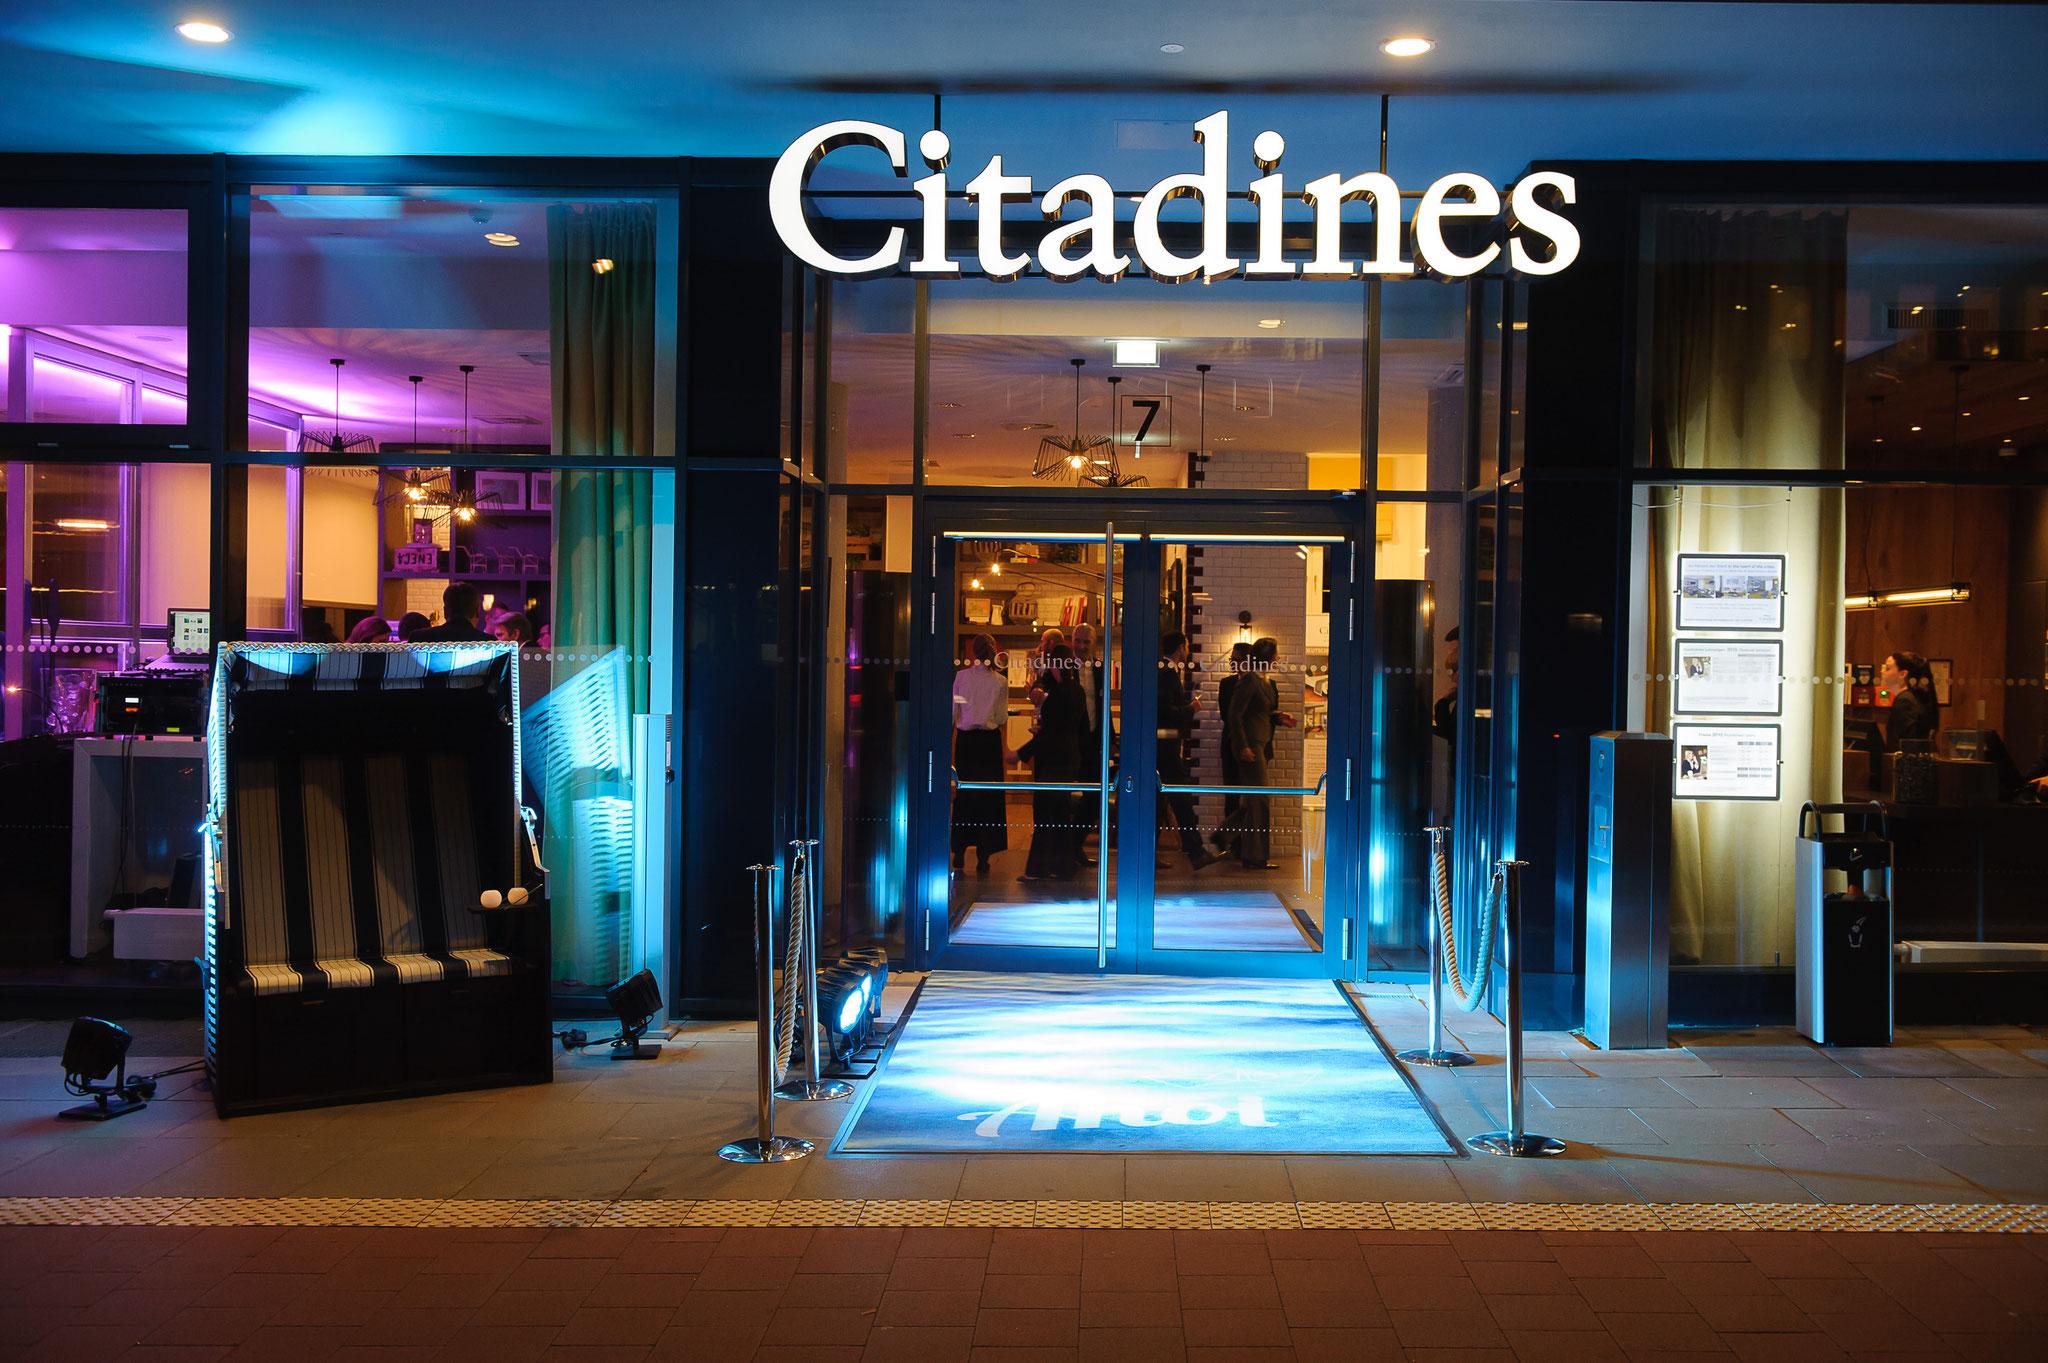 Citadines - Hoteleröffnung